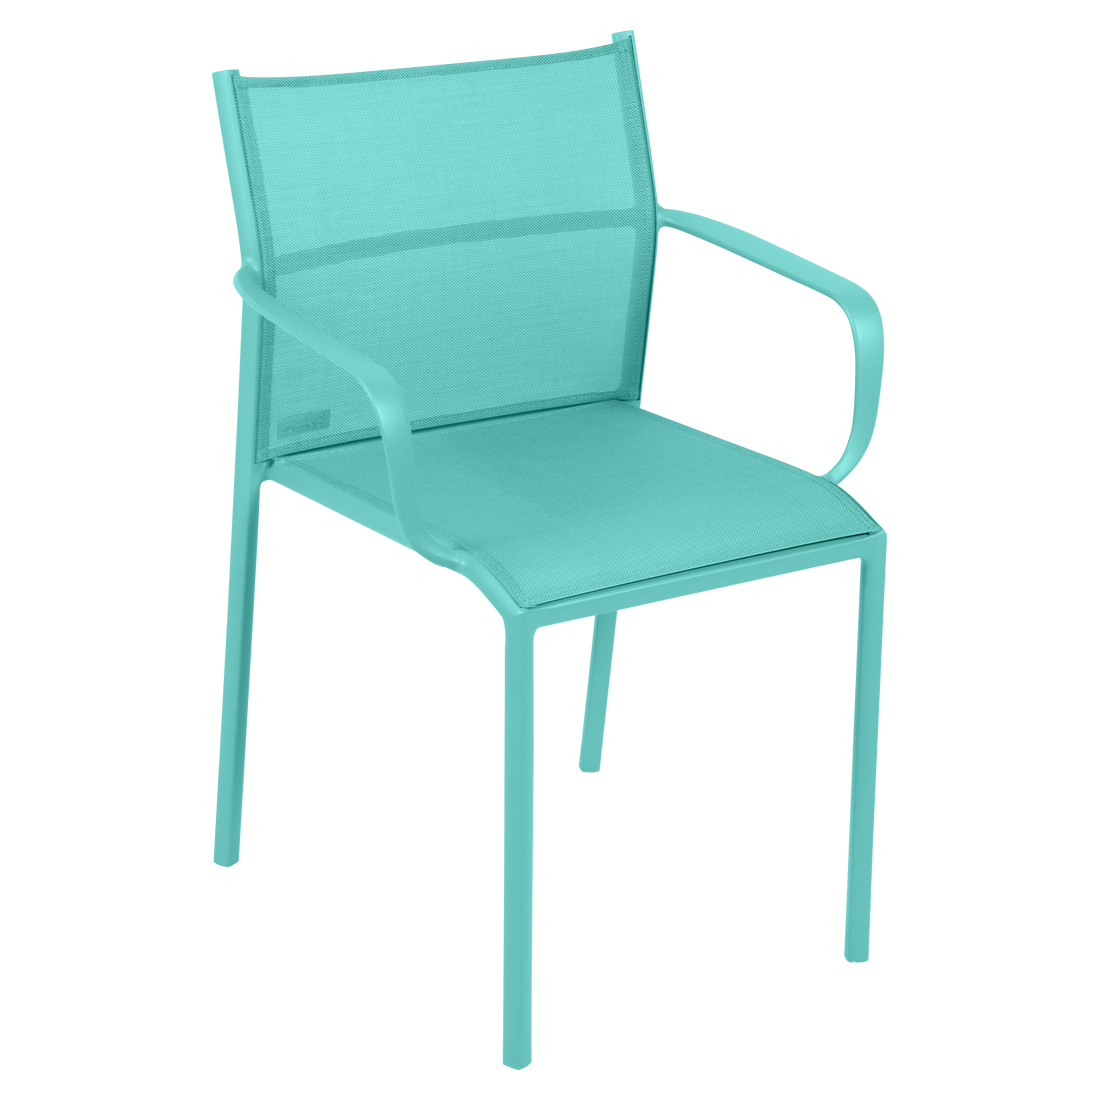 chaise bridge de jardin, chaise bridge en métal et toile bleu lagune